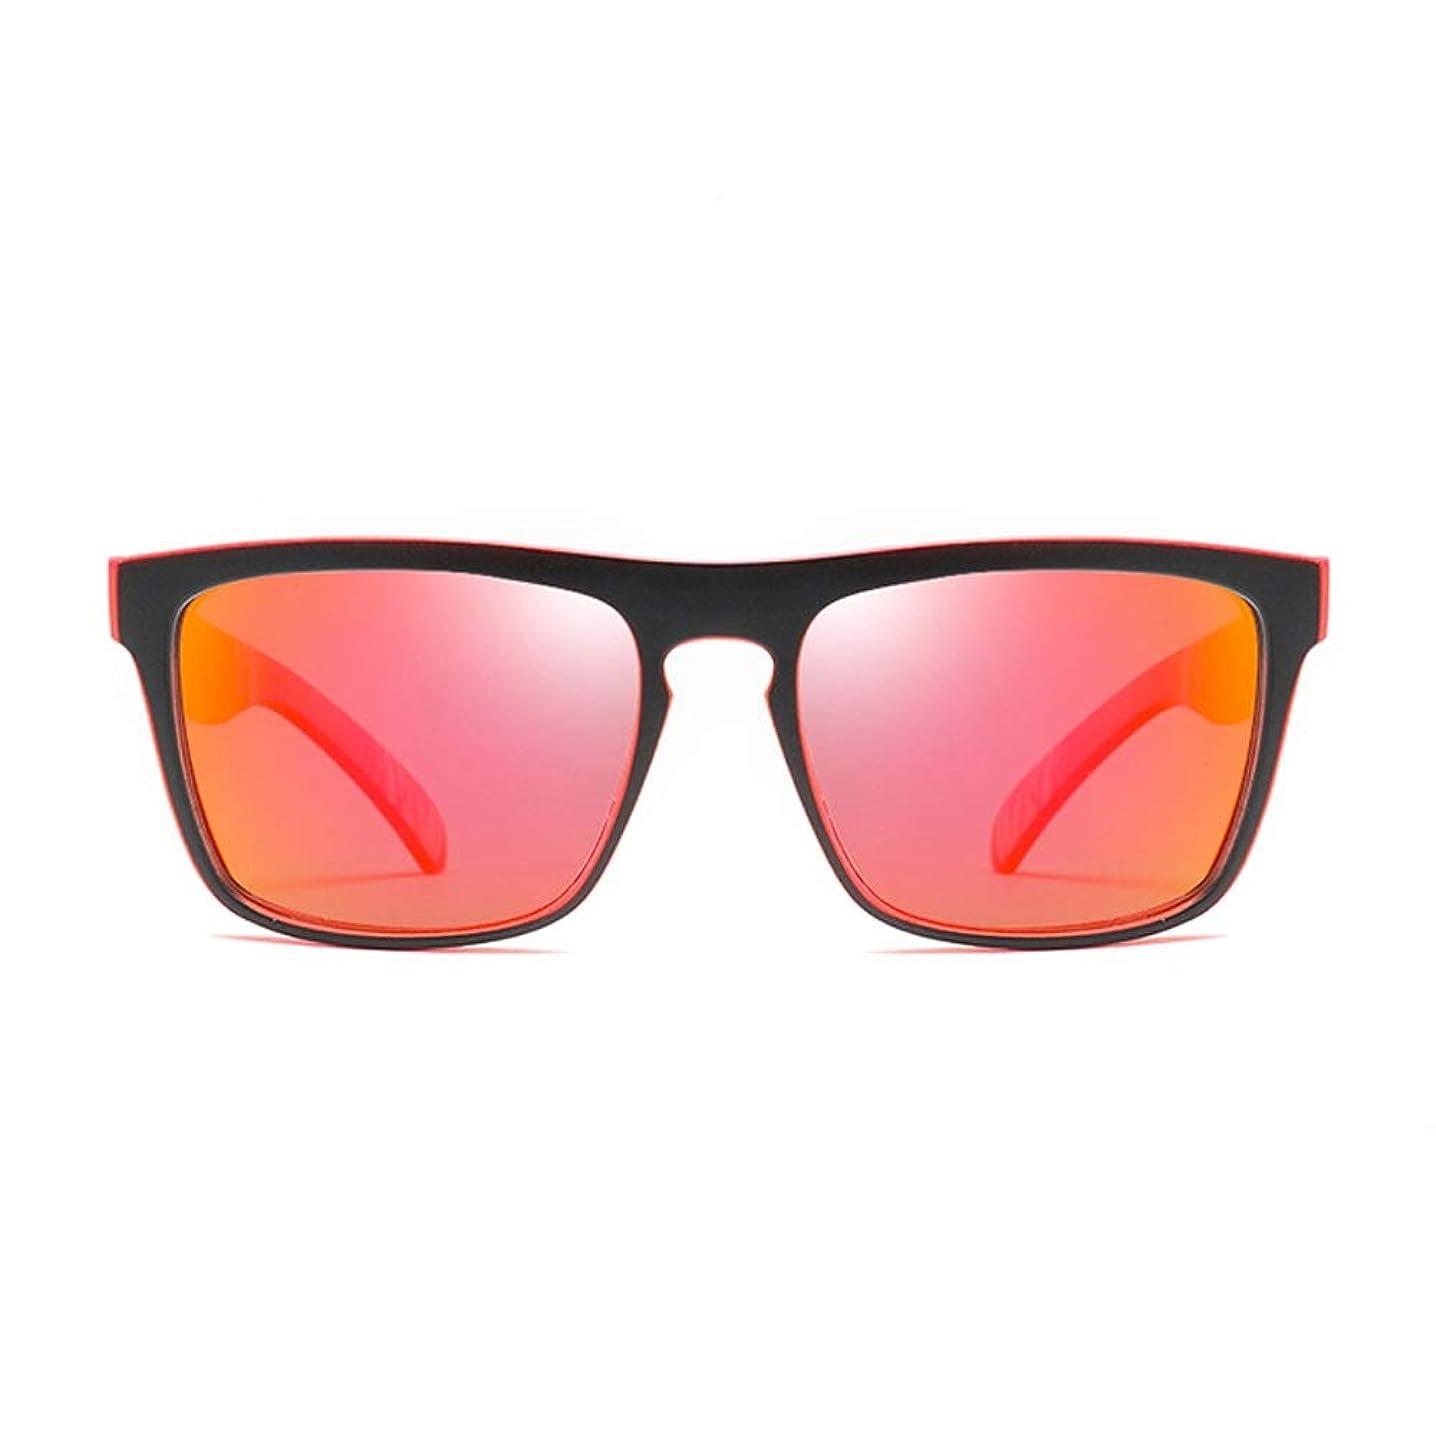 地下醸造所についてSGSJP スポーツサングラス メンズ サングラス 運転用 清晰 UVカット アウトドア 軽量 メガネケース サングラス (Color : レッド, Size : フリー)